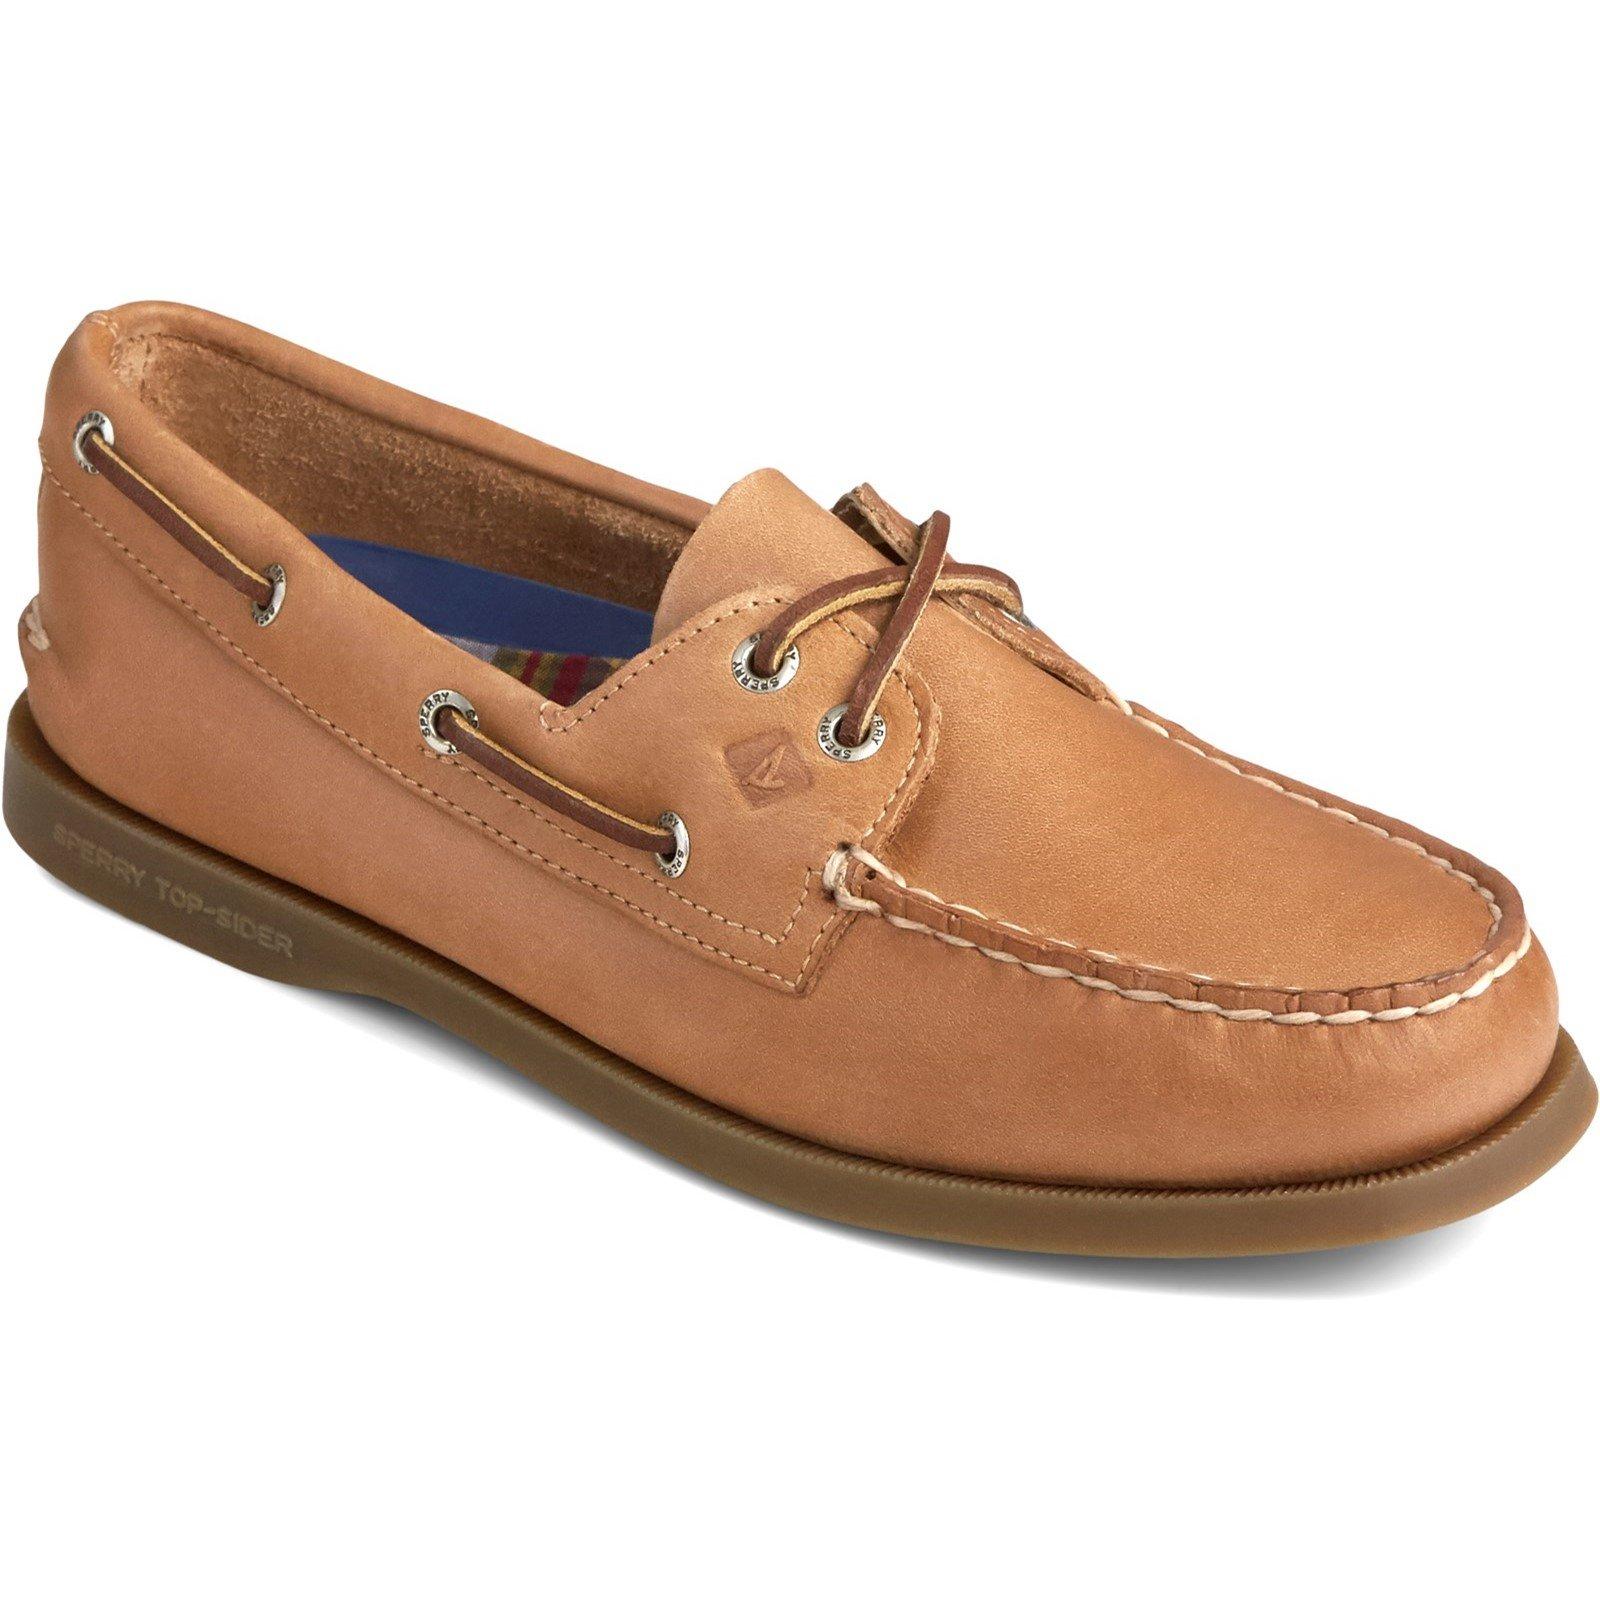 Sperry Women's Authentic Original Boat Shoe Various Colours 31535 - Nutmeg 5